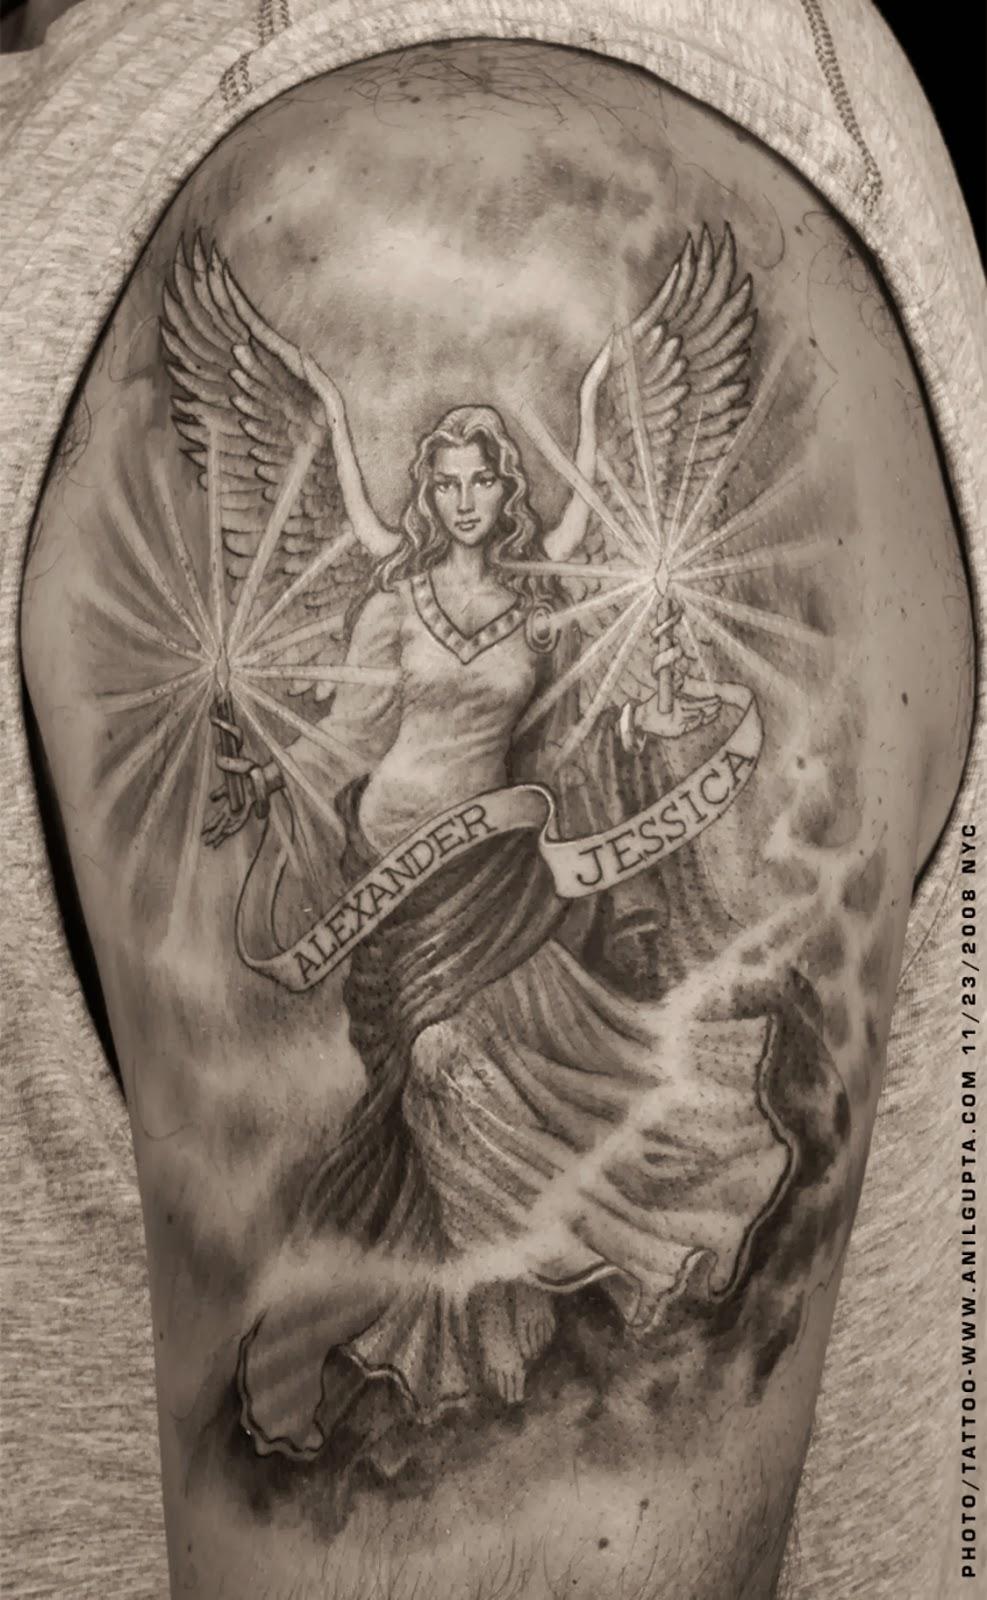 Guardian Angels Cools Tattoos Art | Tattoos Art